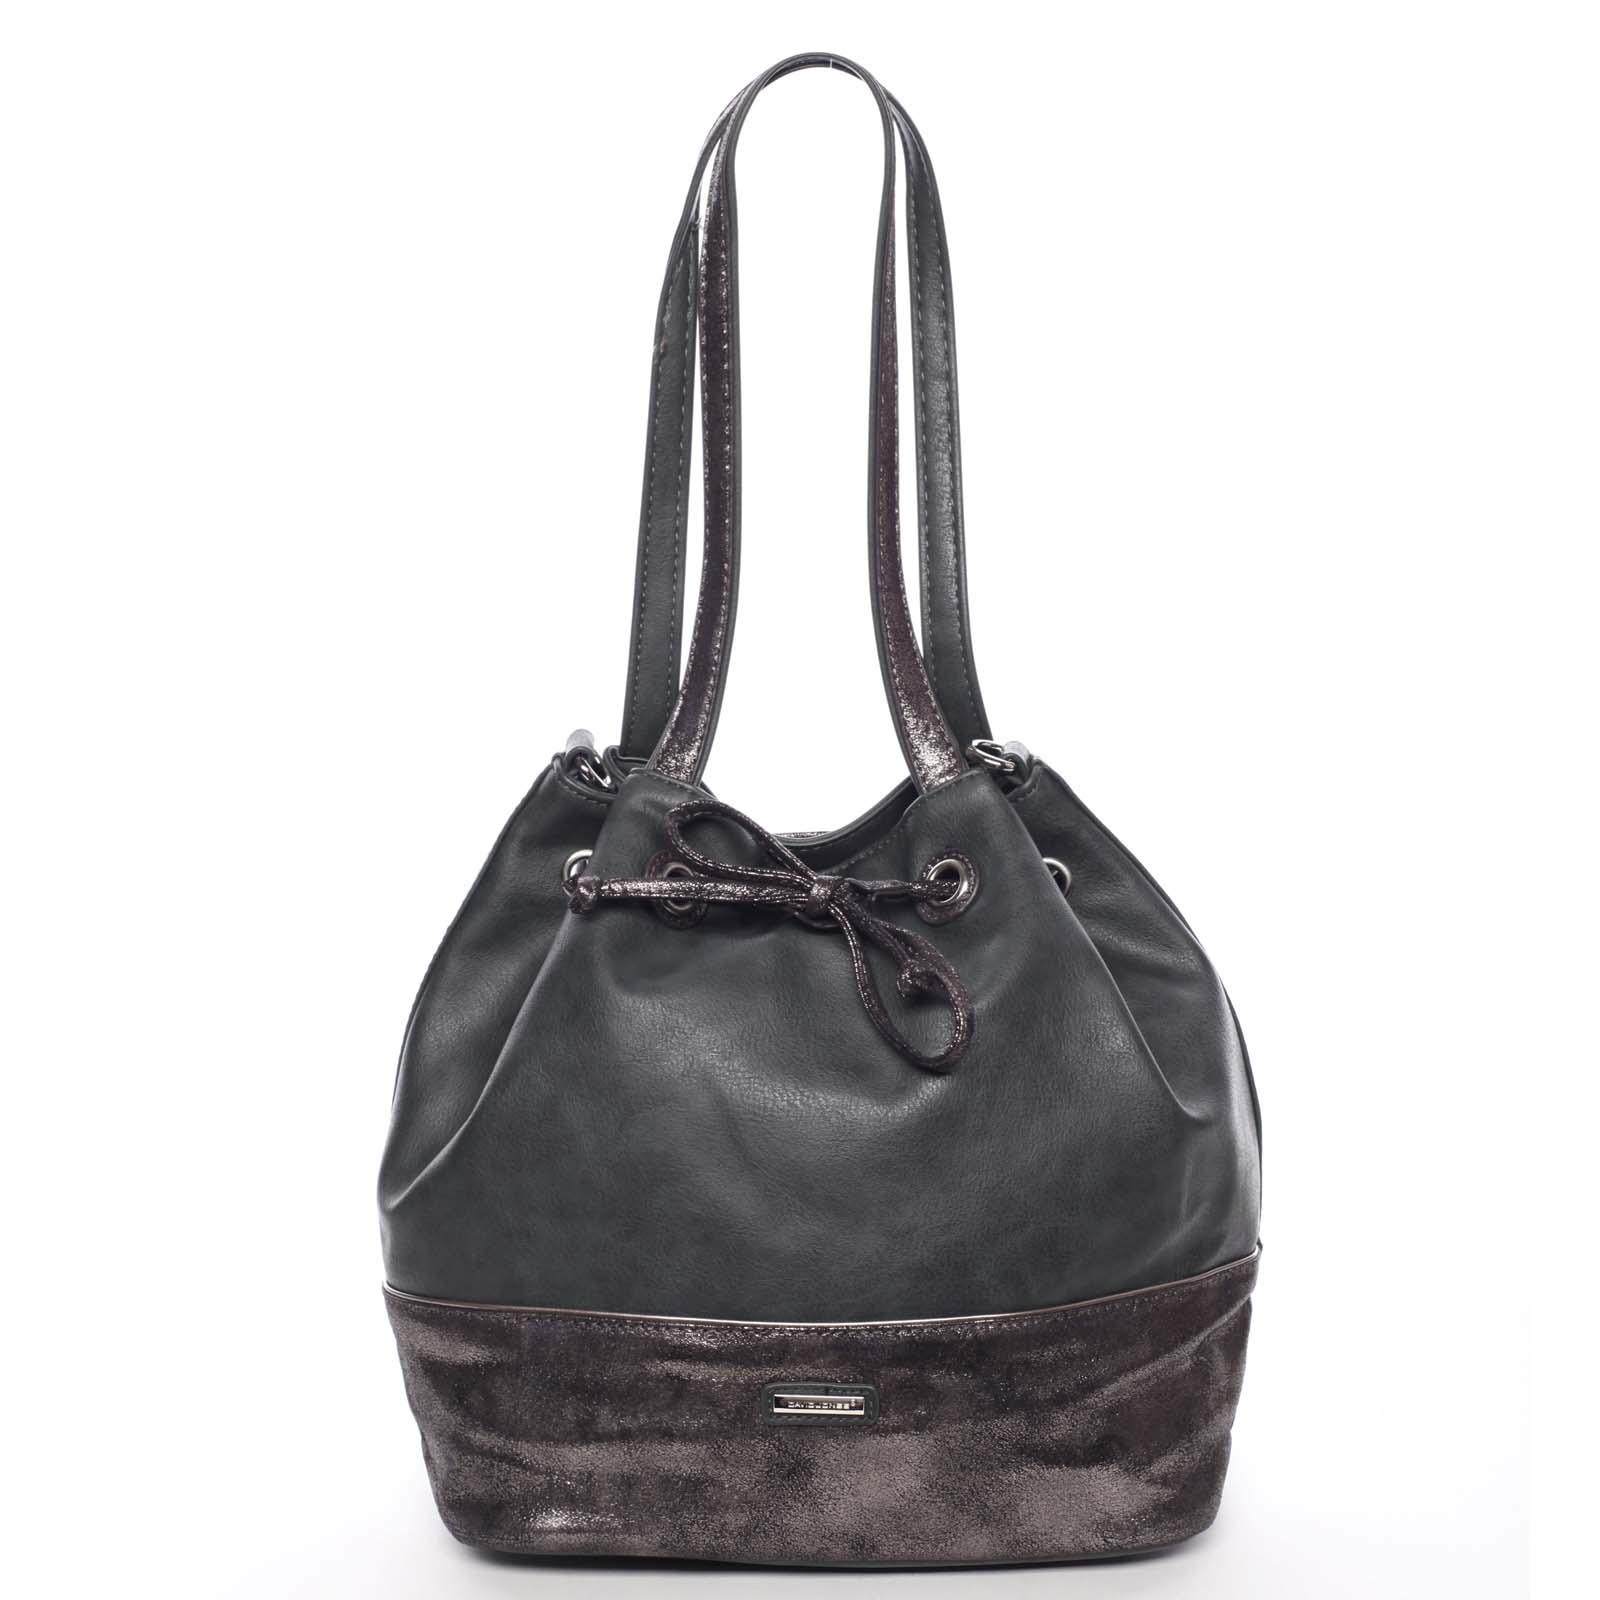 Elegantní měkká dámská kabelka přes rameno tmavě zelená - David Jones Nanette